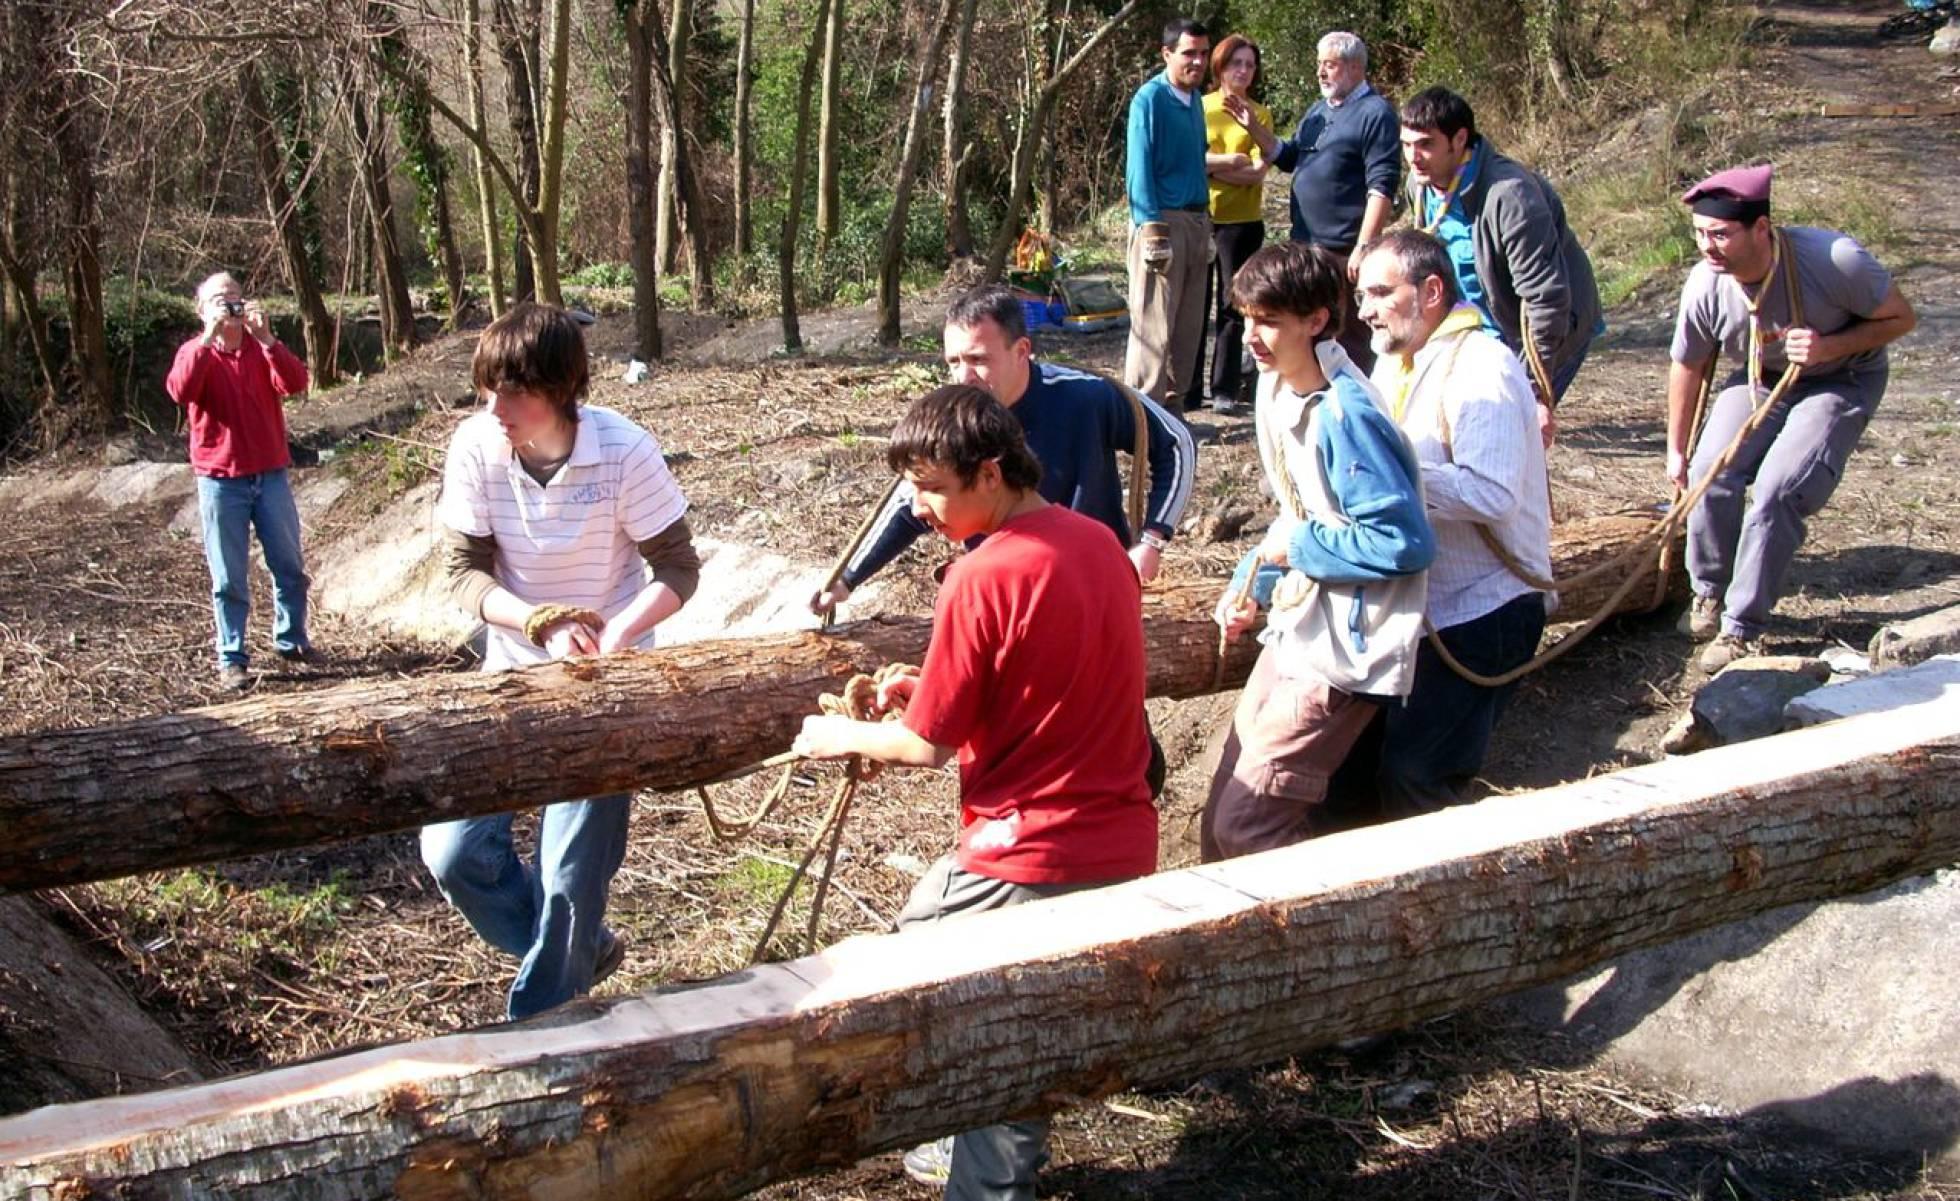 Обучение через волонтерство становится популярным в школах Испании